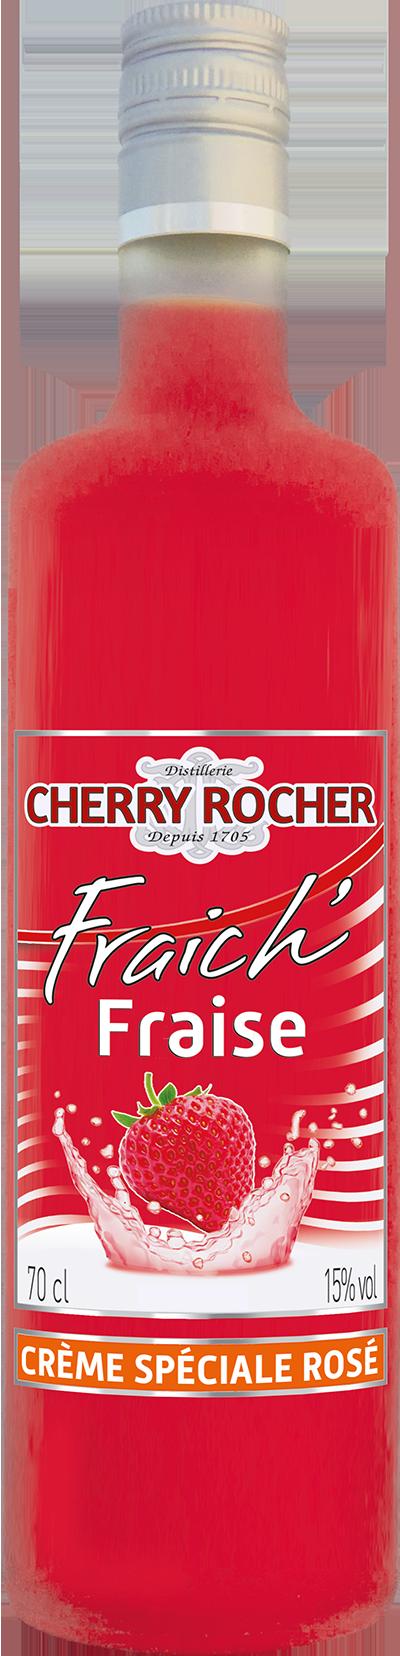 Fraich' Fraise - Cherry Rocher